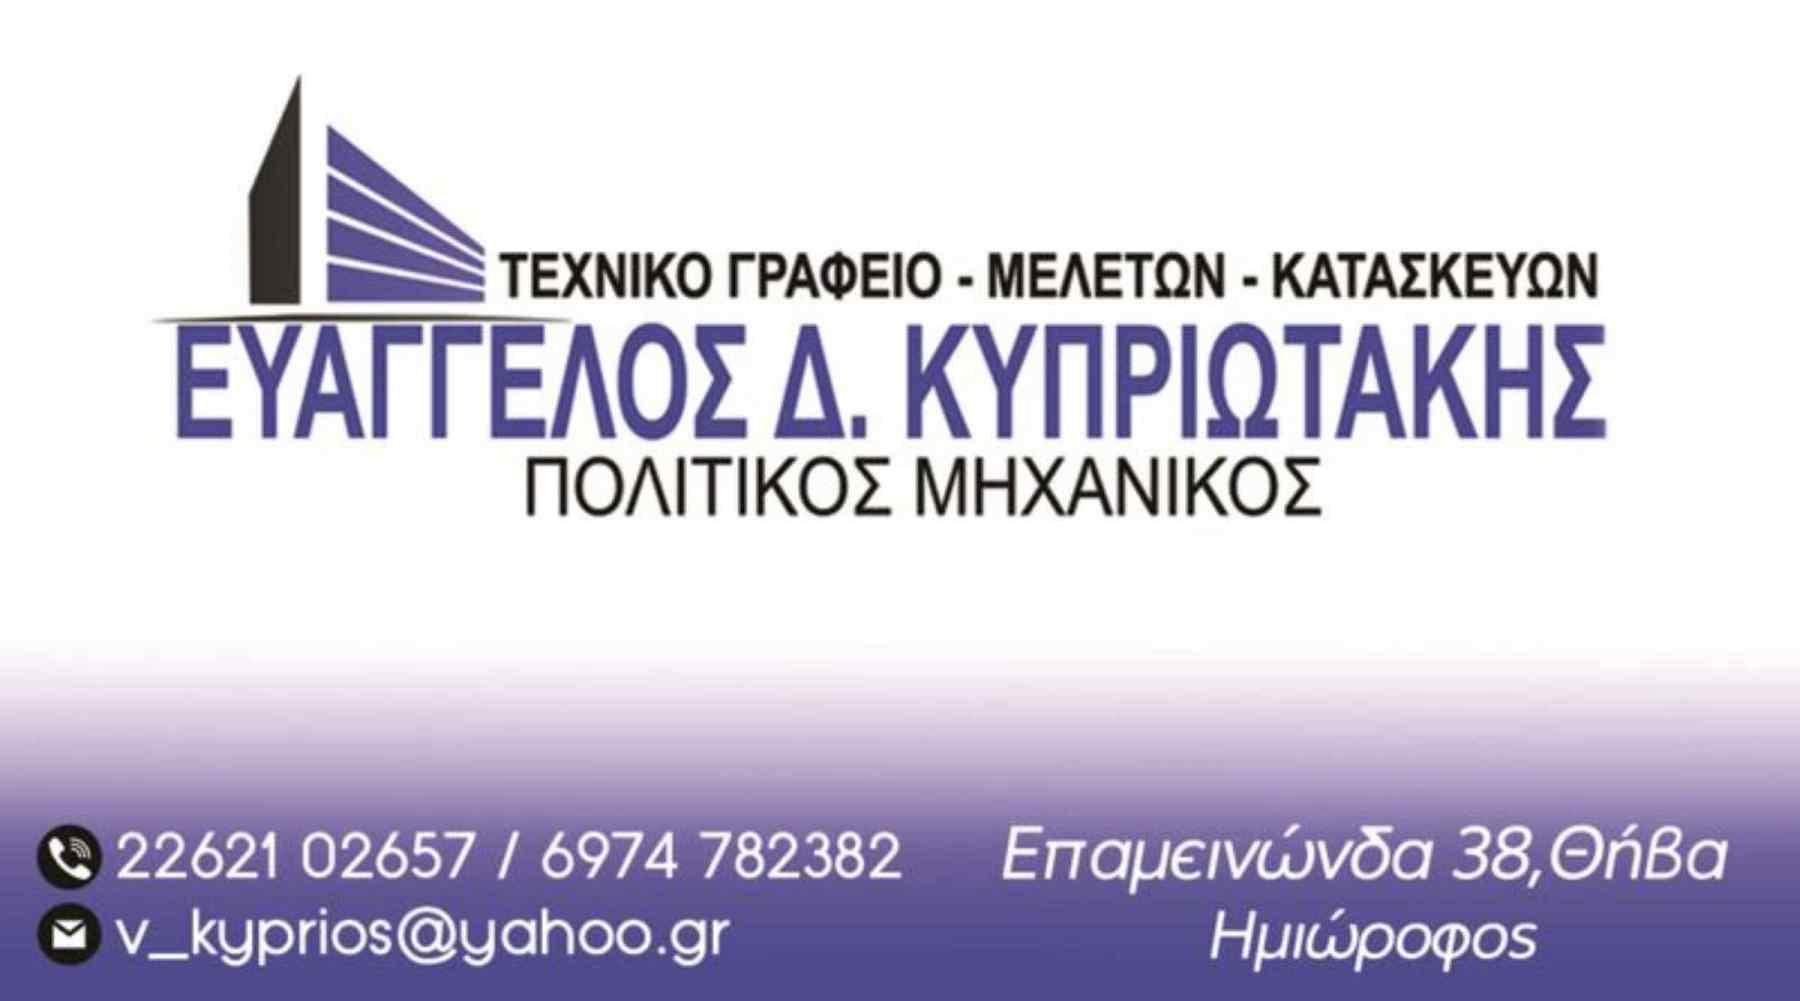 ΚΥΠΡΙΩΤΑΚΗΣ